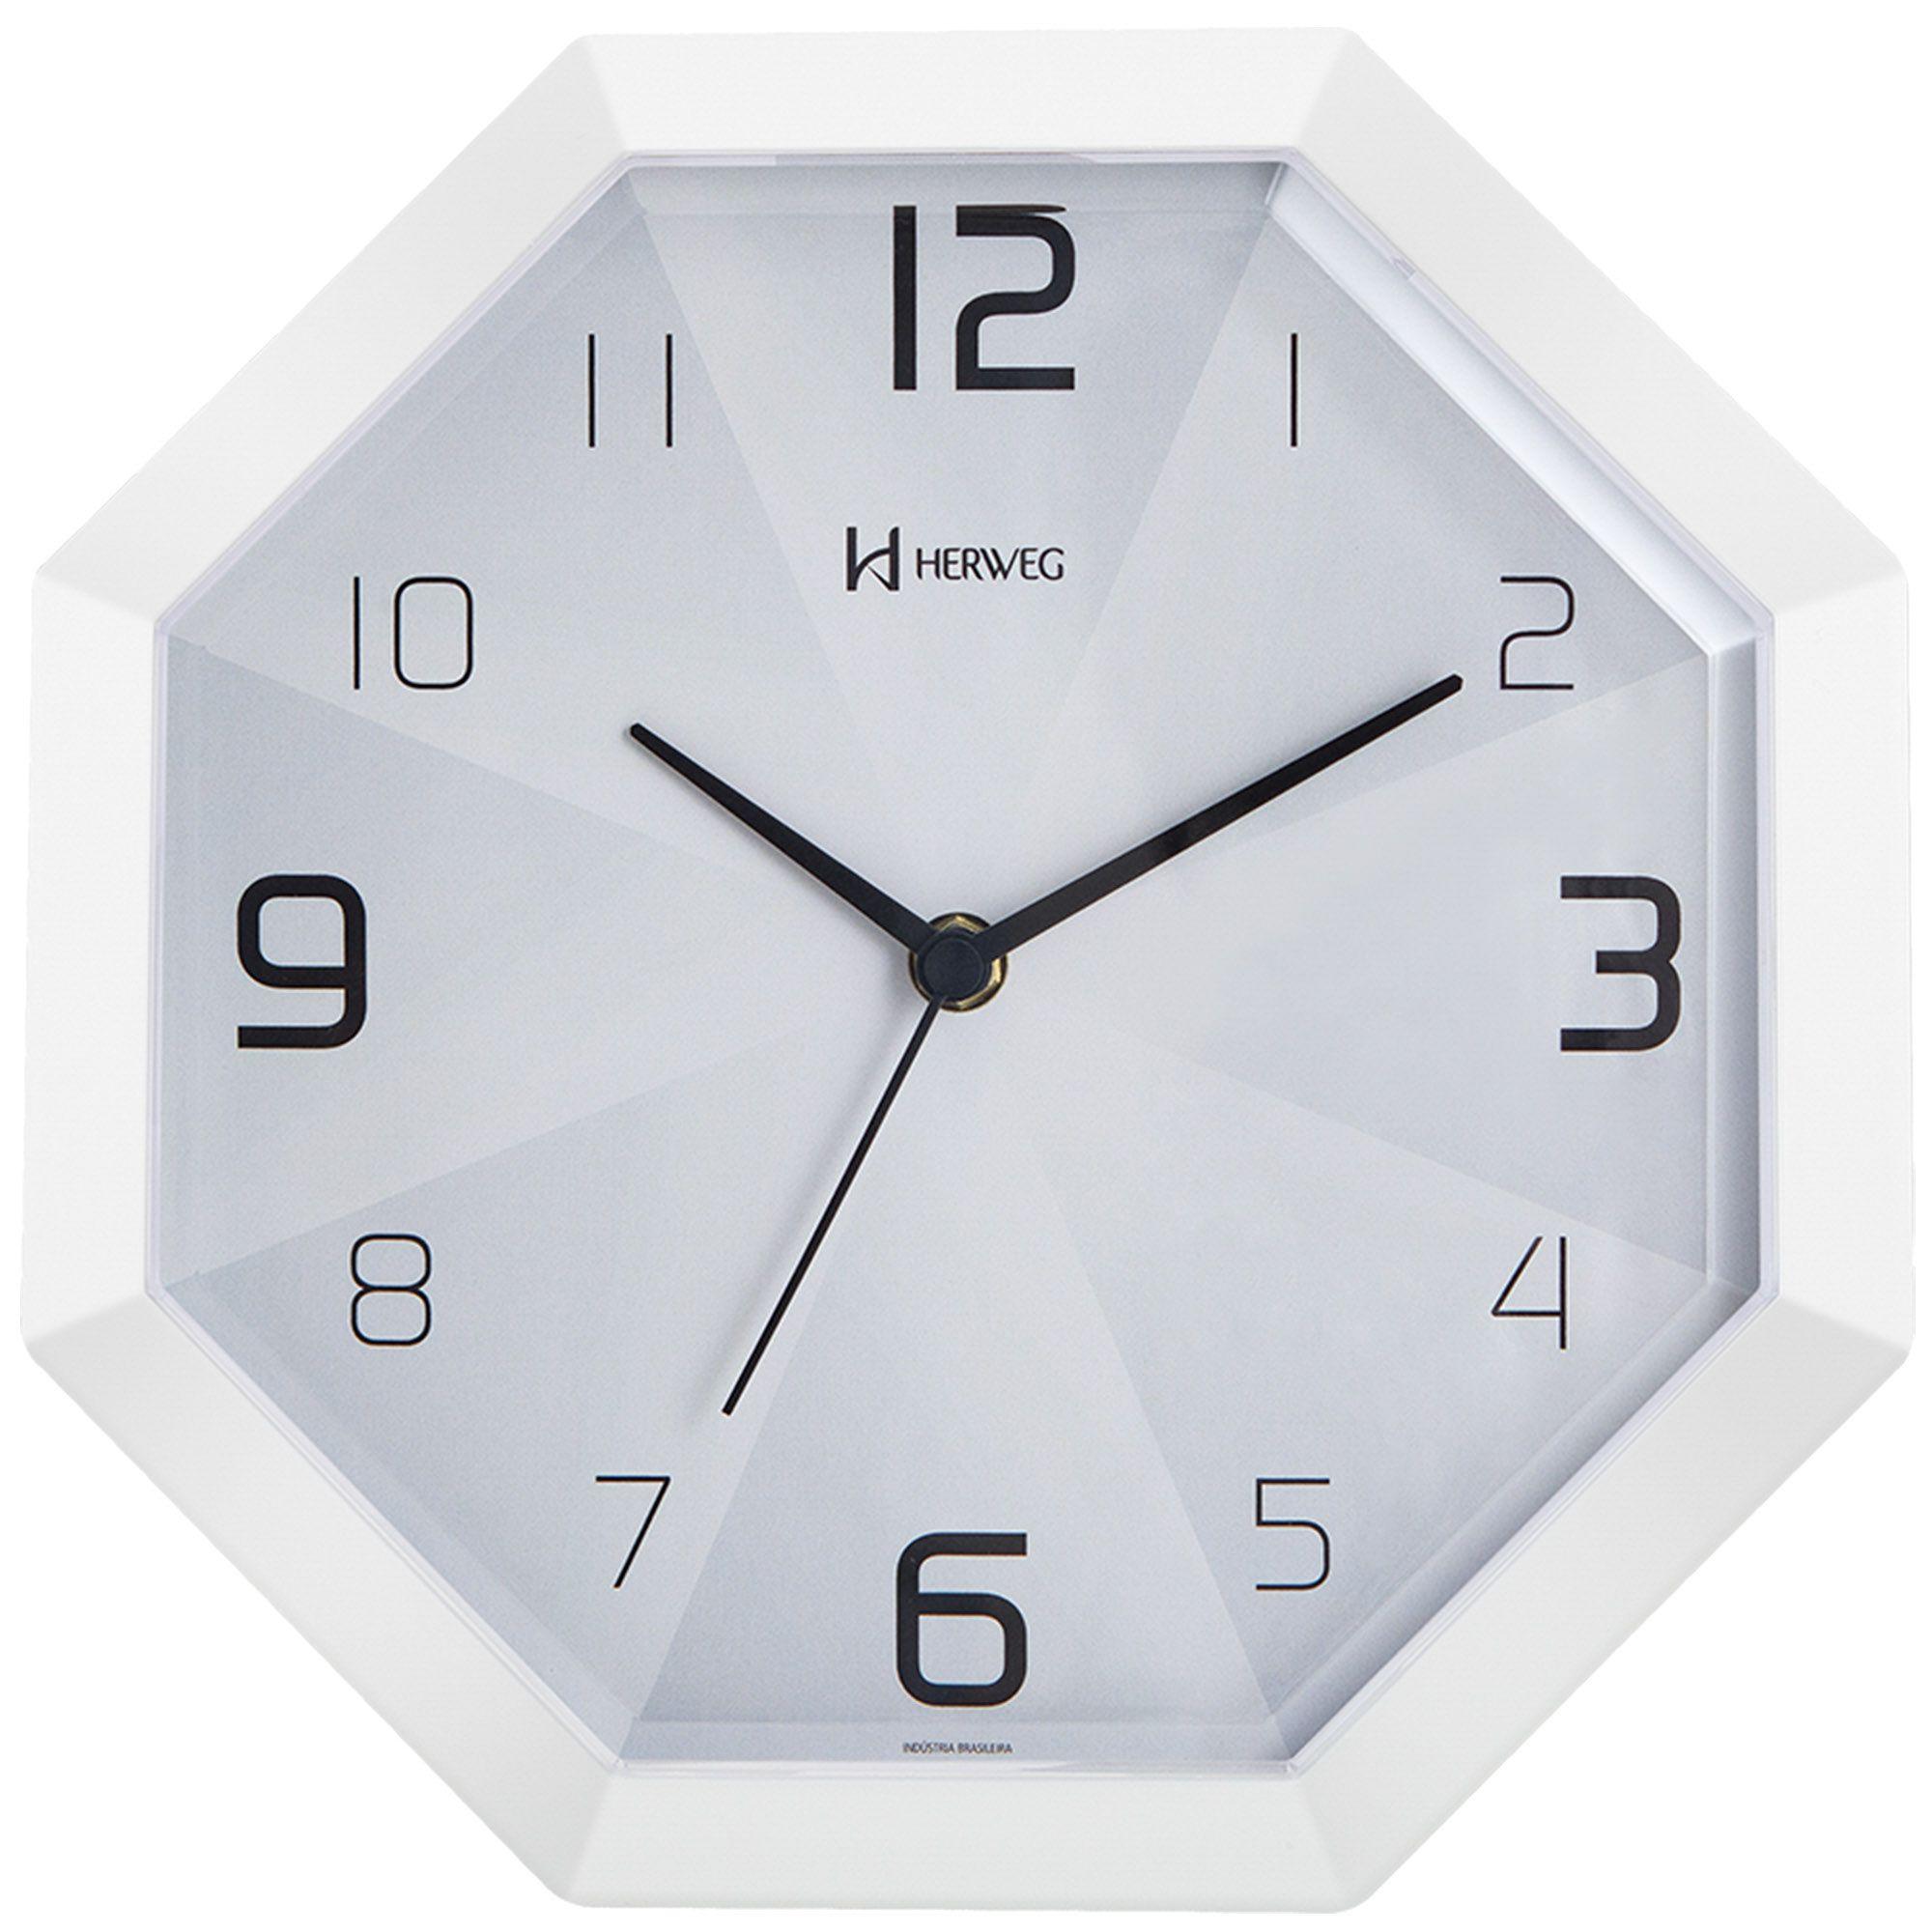 Relógio de Parede Analógico Herweg 6662 021 Branco